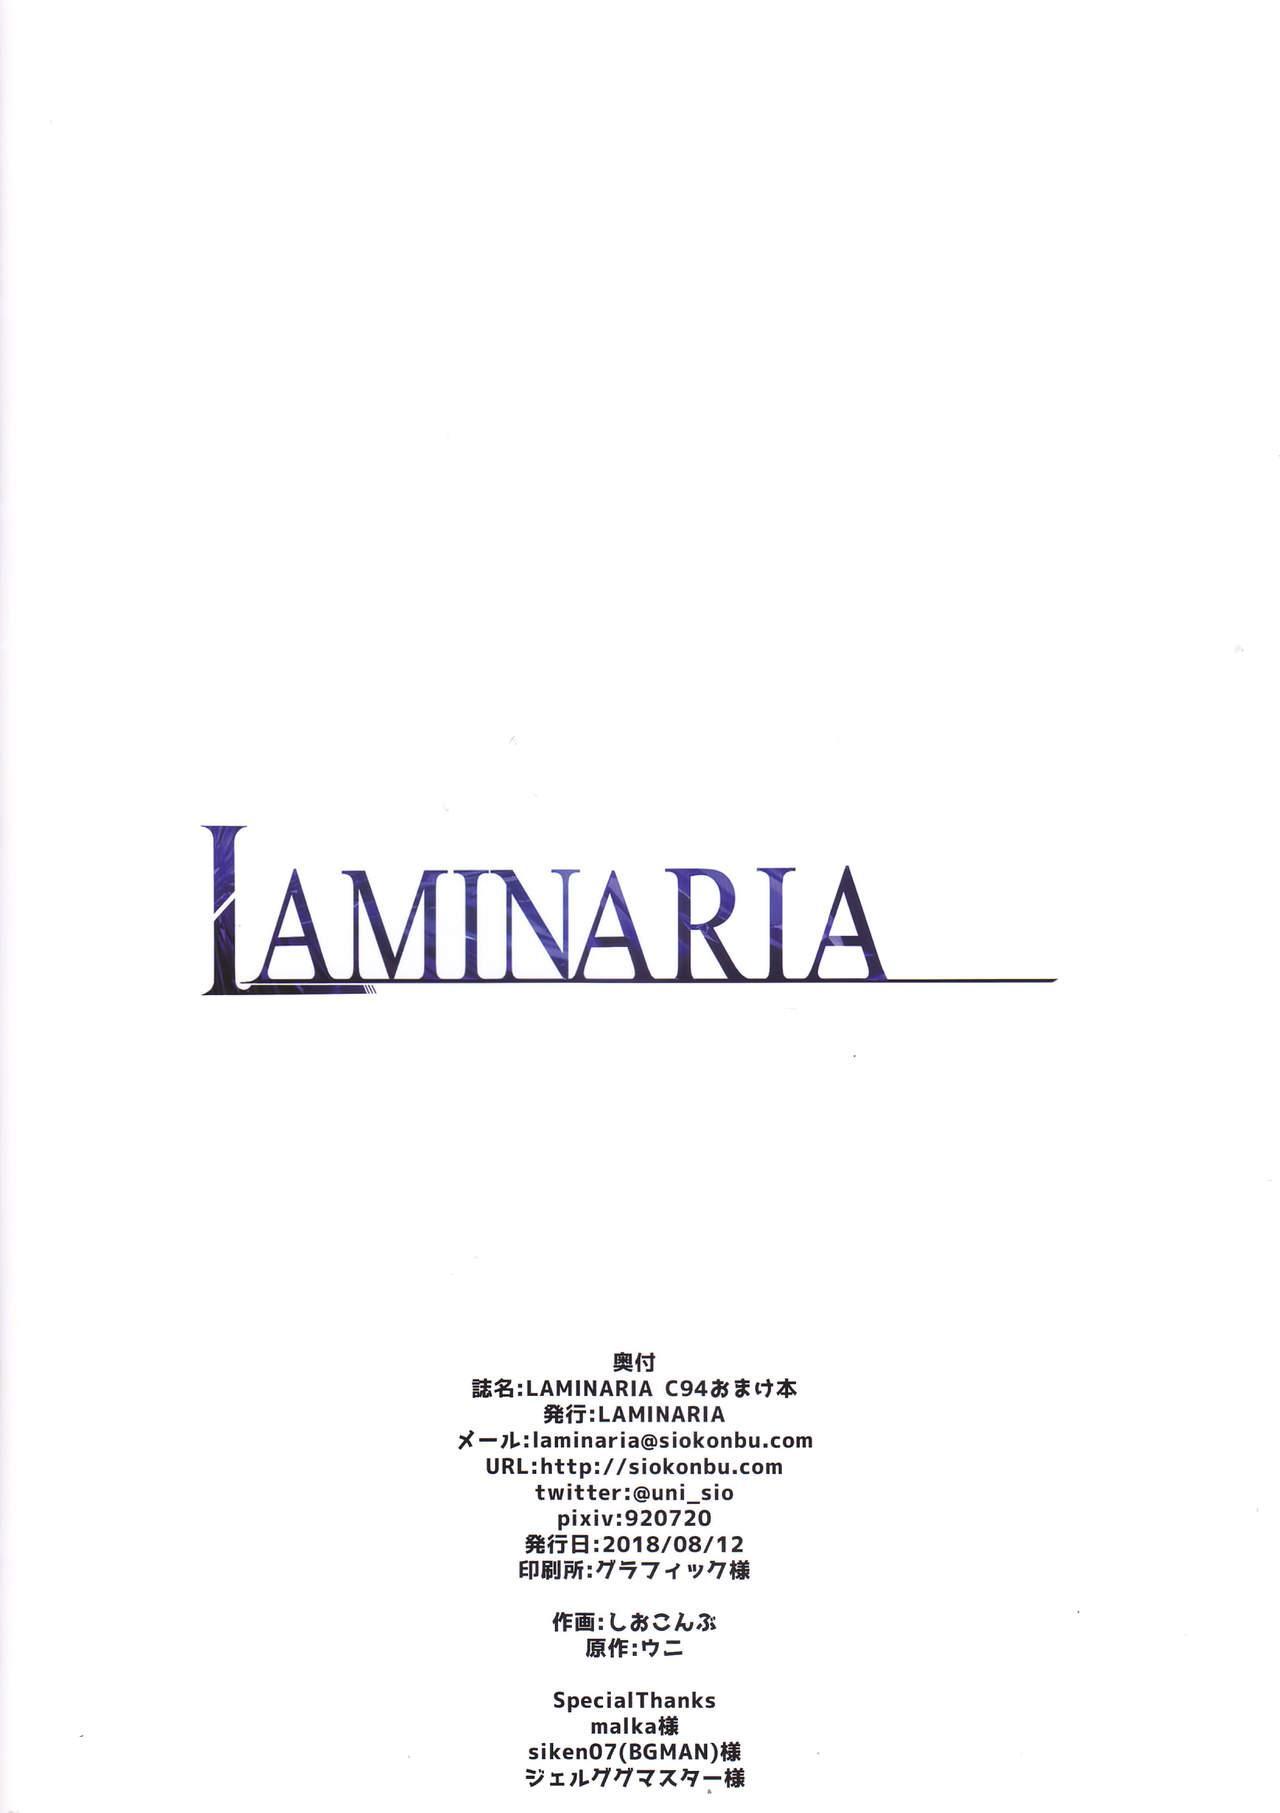 LAMINARIA C94 Omakebon 11